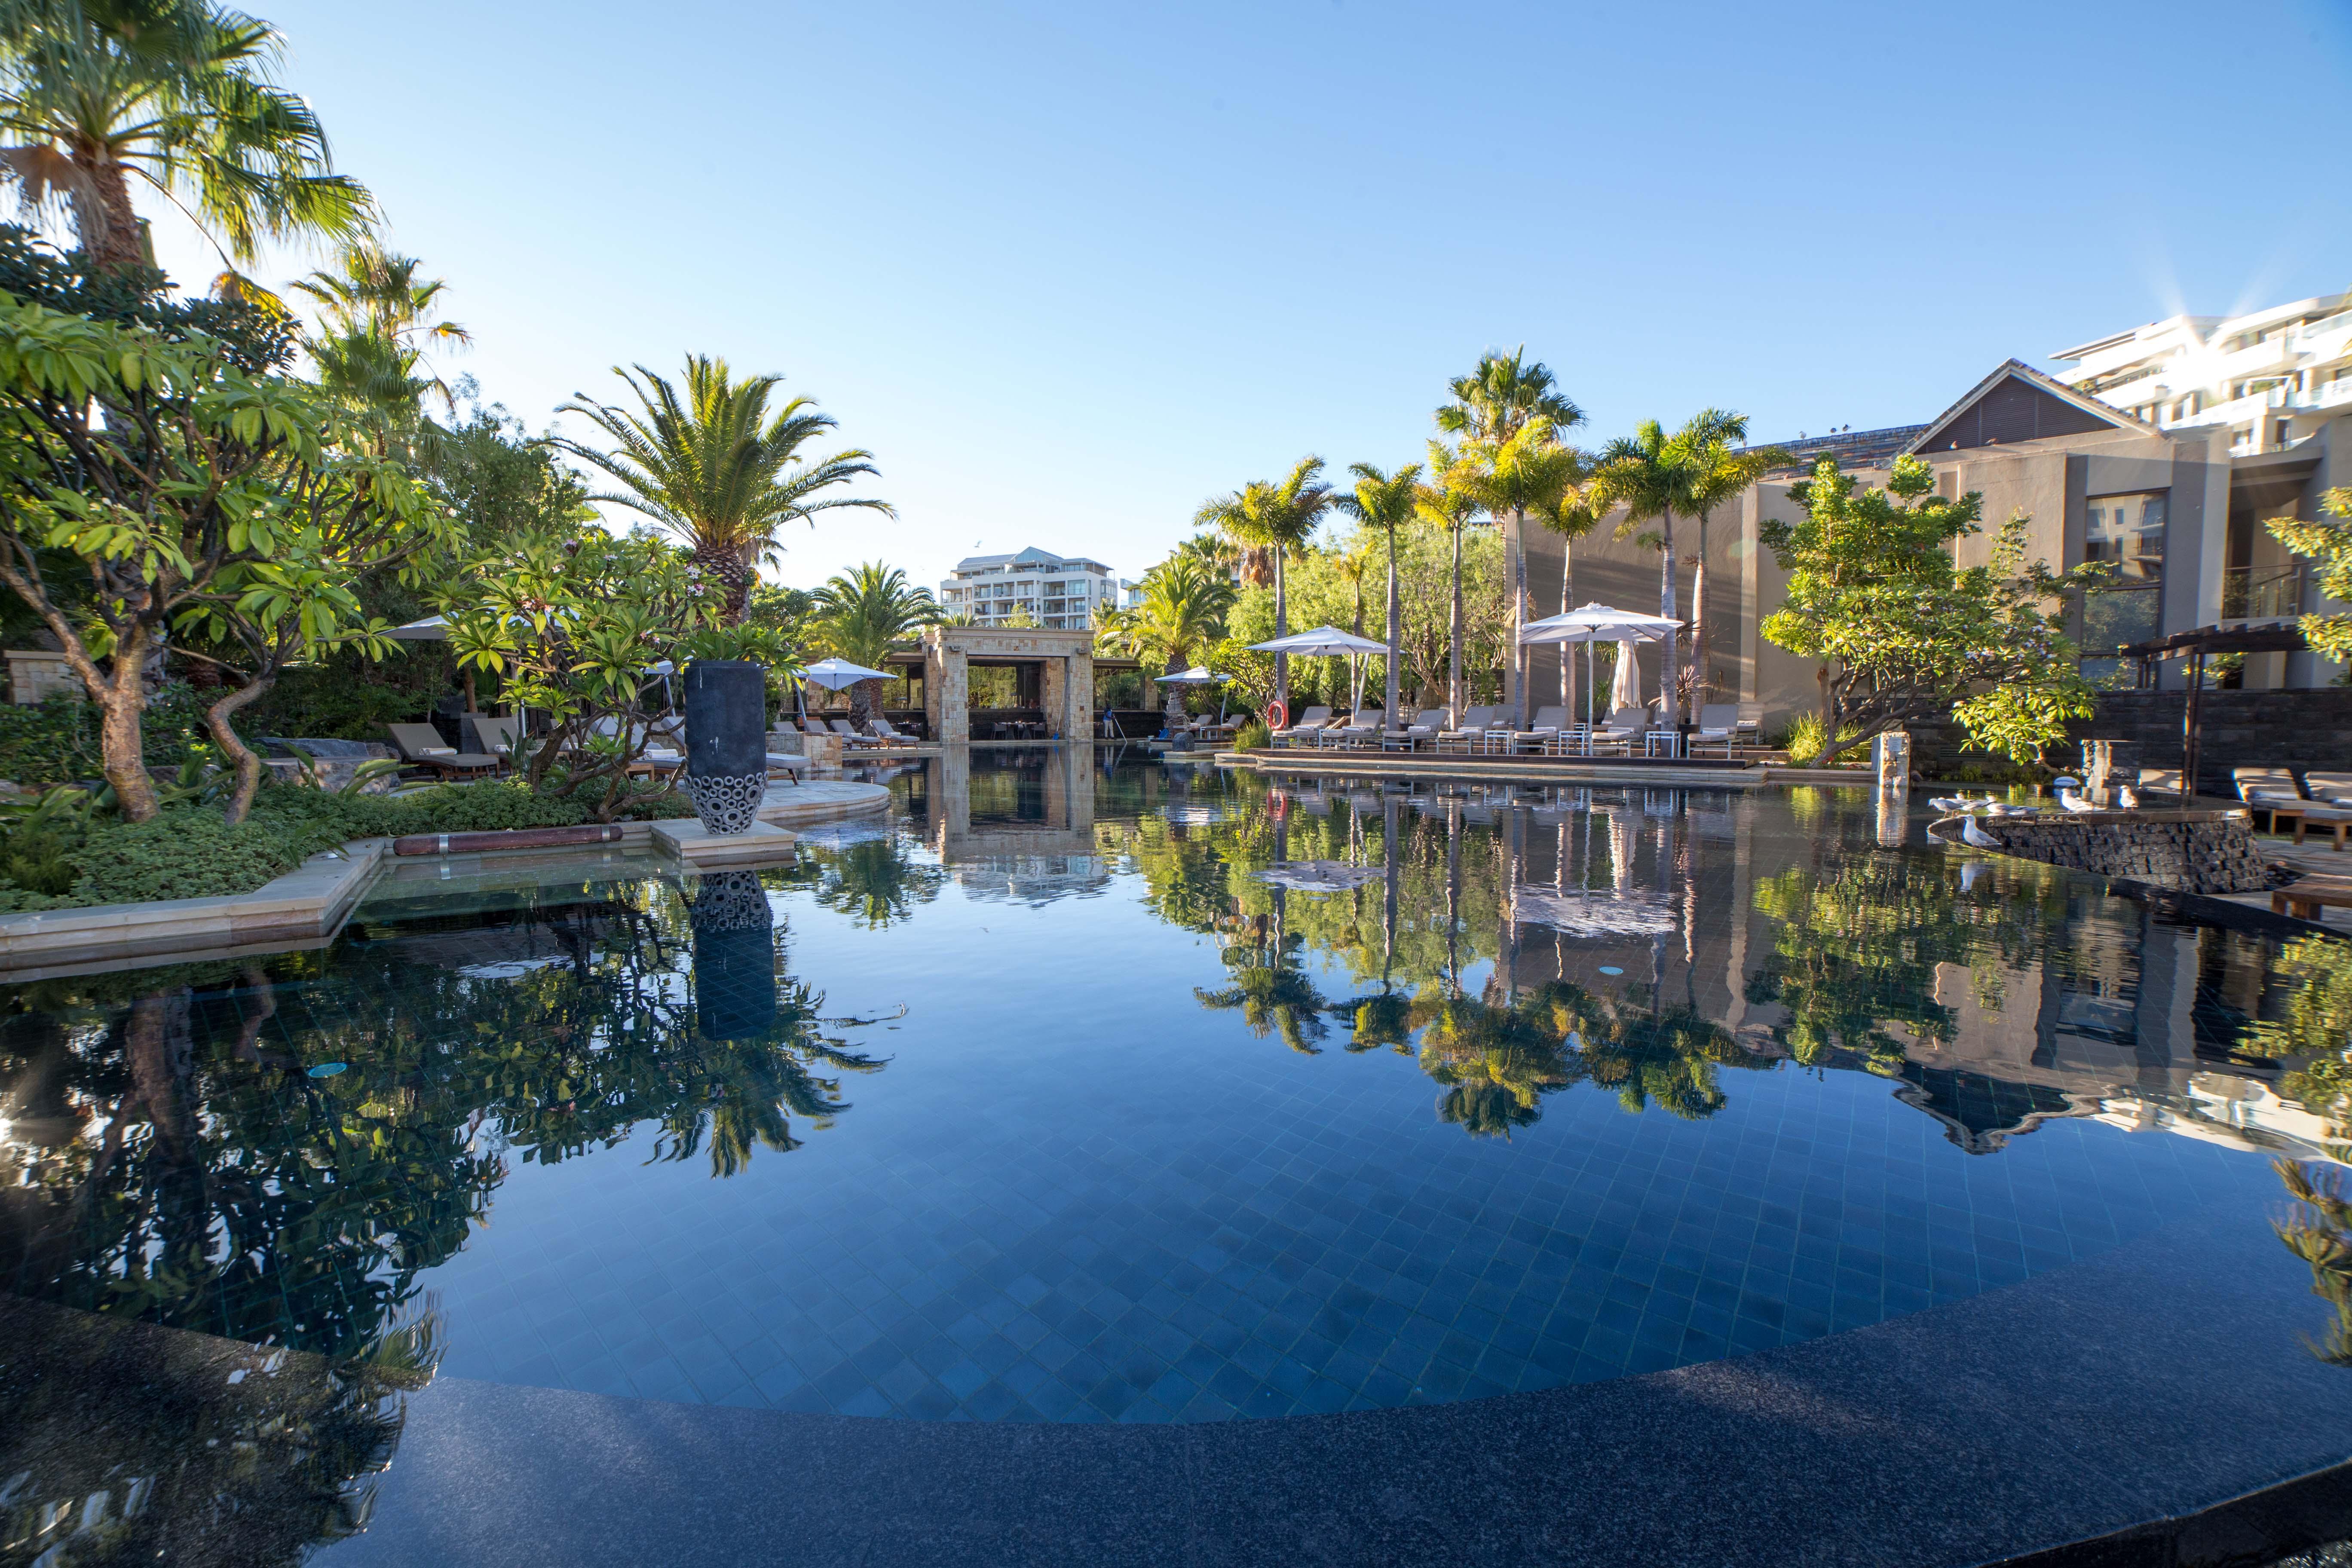 piscina da ilha